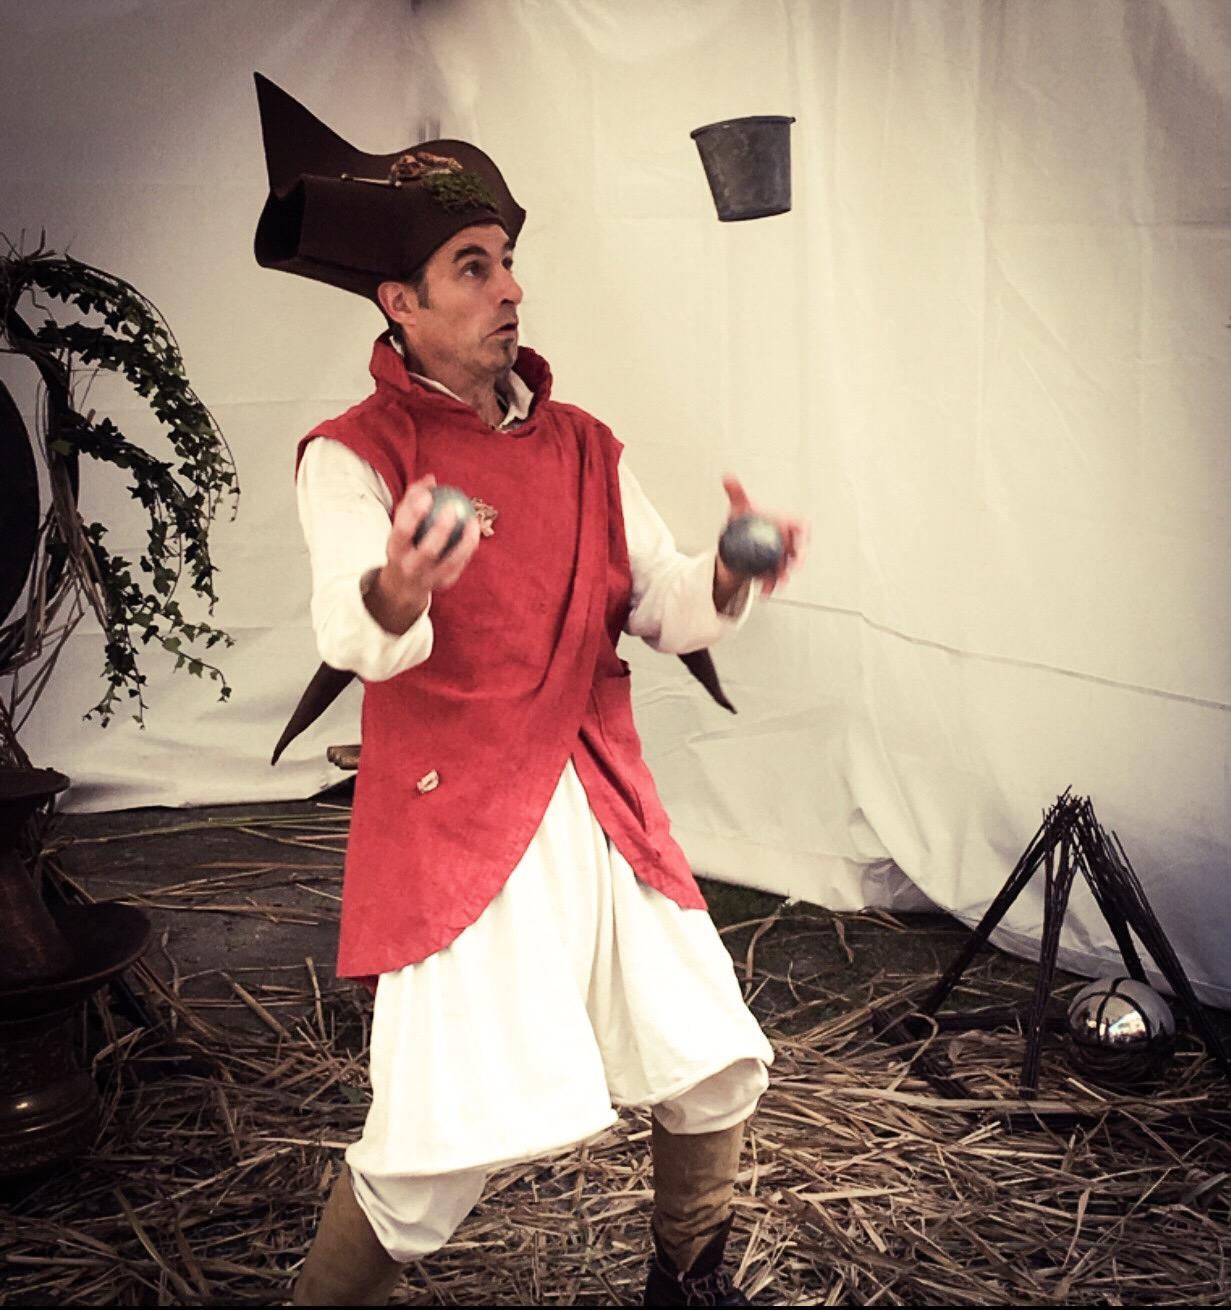 Albertius. Saillon. Ce spectacle, issu de la rencontre entre un jongleur et un percussionniste, crée une animation médiévale féérique fantastique qui réjouira aussi bien une fête du moyen-âge, un festival d'art de rue, un événement privé, qu'une cour de château. Procédez à un rapide voyage temporel versciedupetitgrimoire.ch